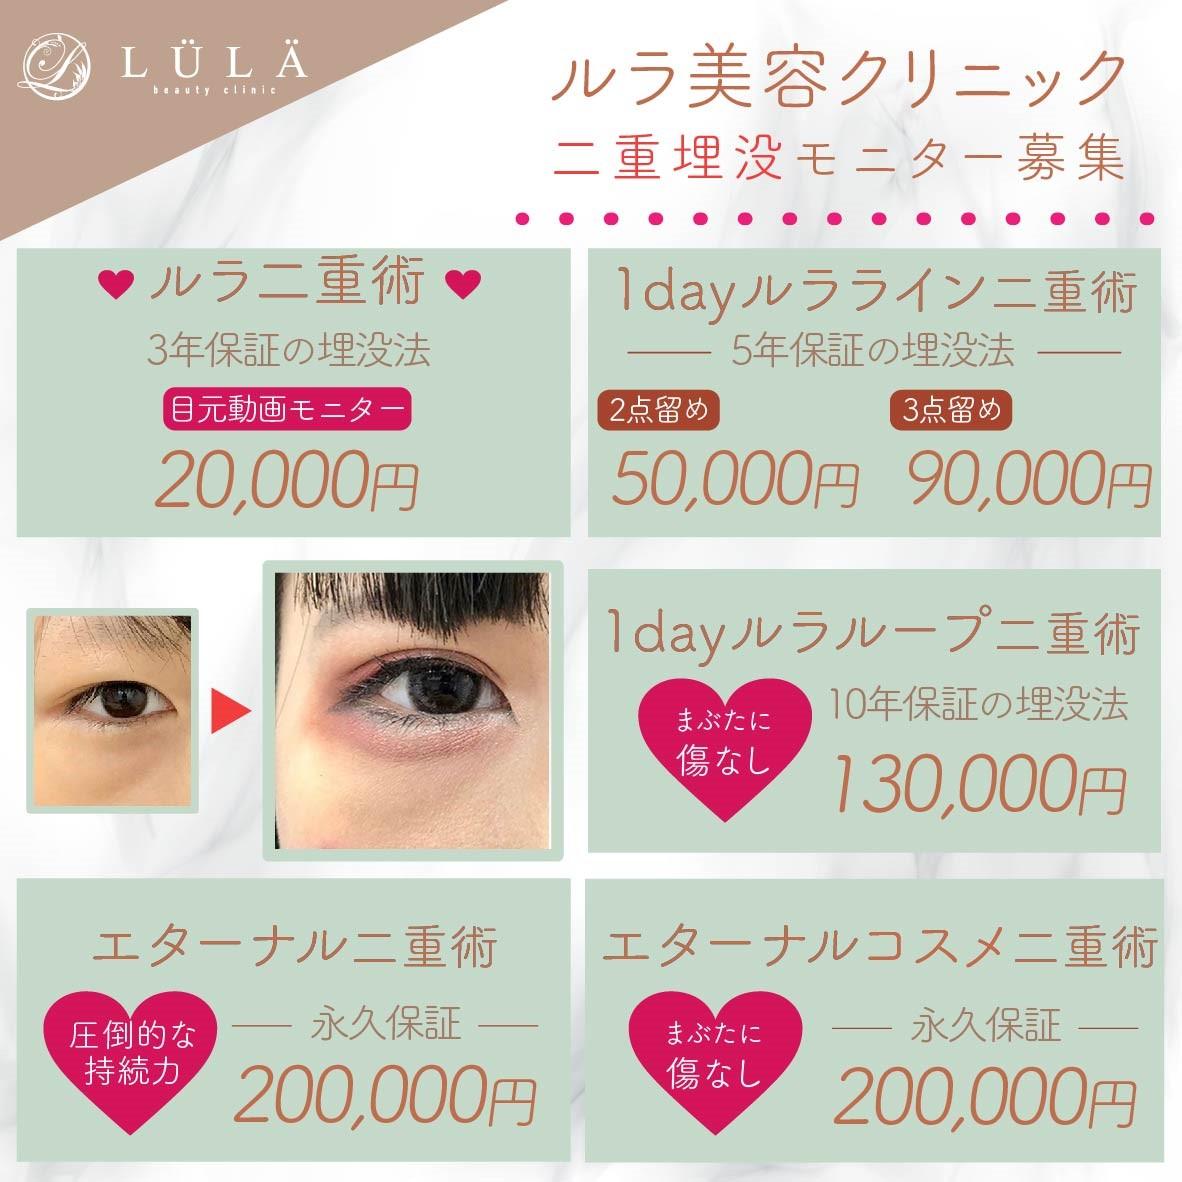 二重・目元|LULA(ルラ)美容クリニック